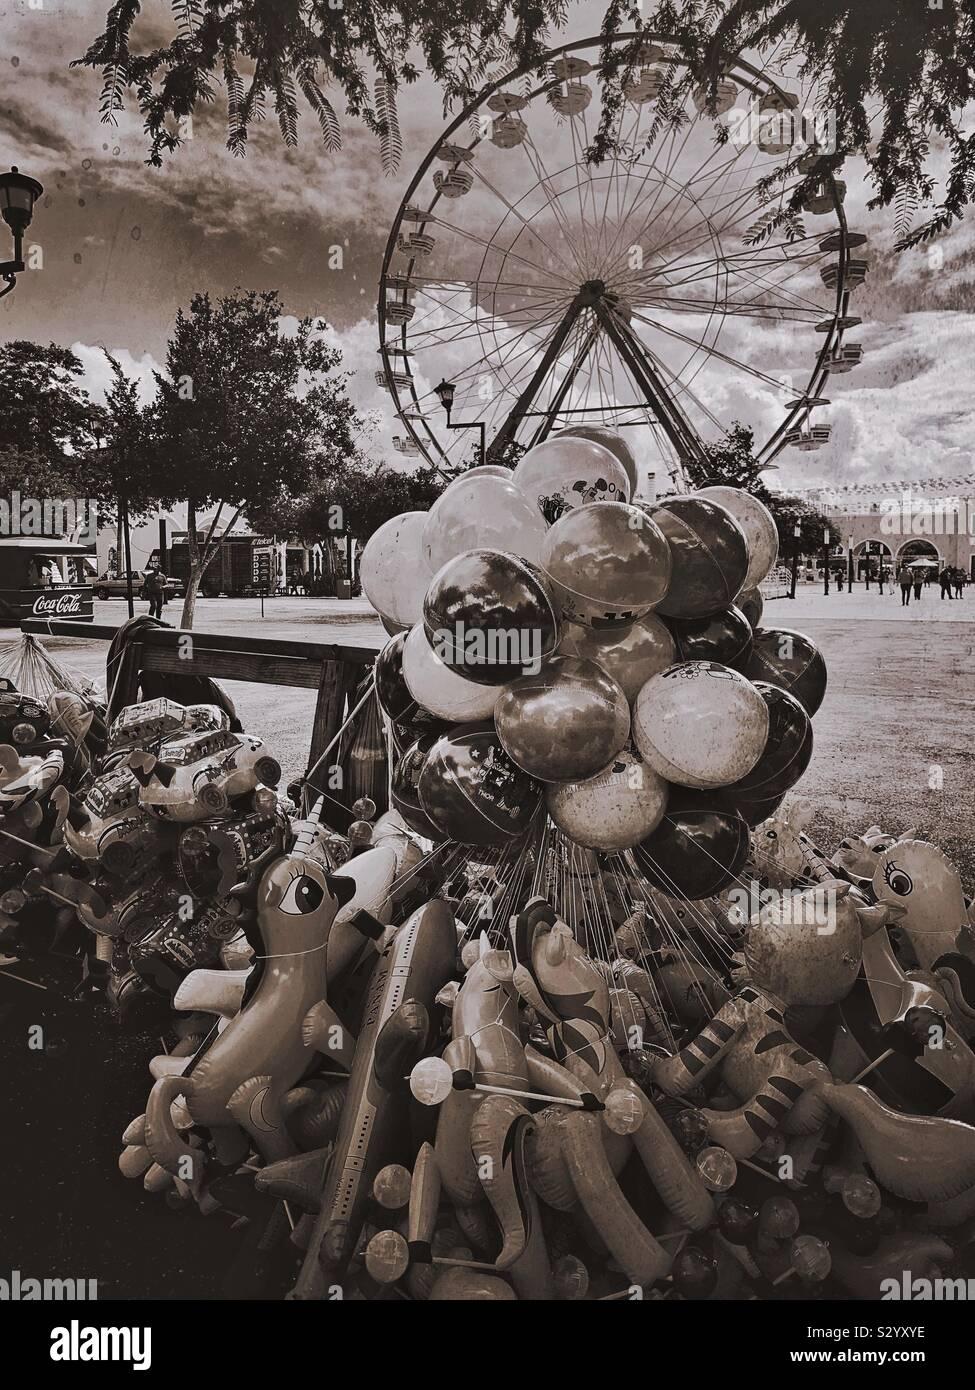 Une grappe de ballons et une grande roue font partie de la famille sympa et stimulant à la Feria Yucatán. Xmatkuil Banque D'Images